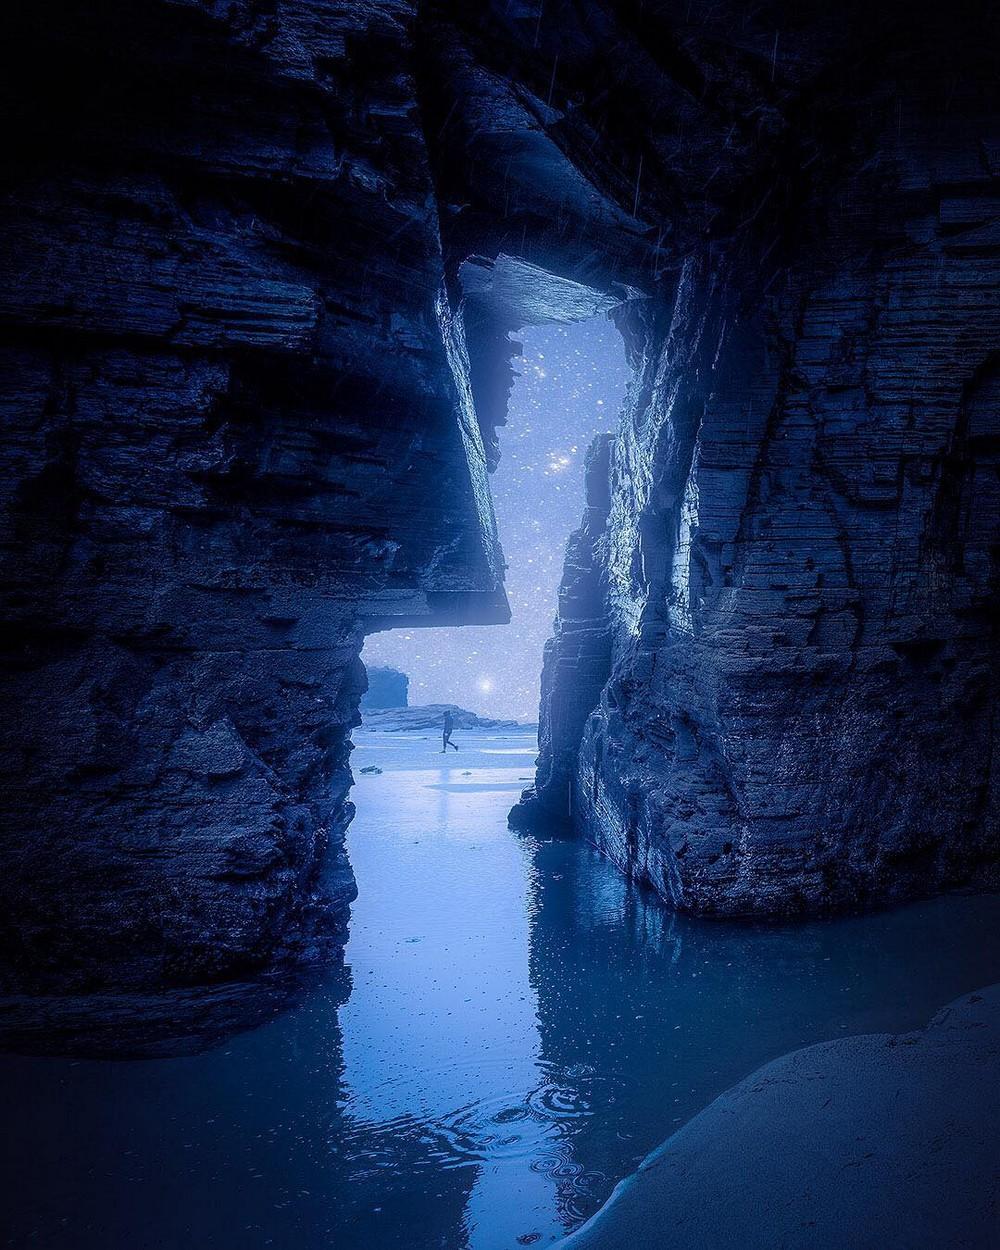 Природа и путешествия на снимках Ромена Маттеи